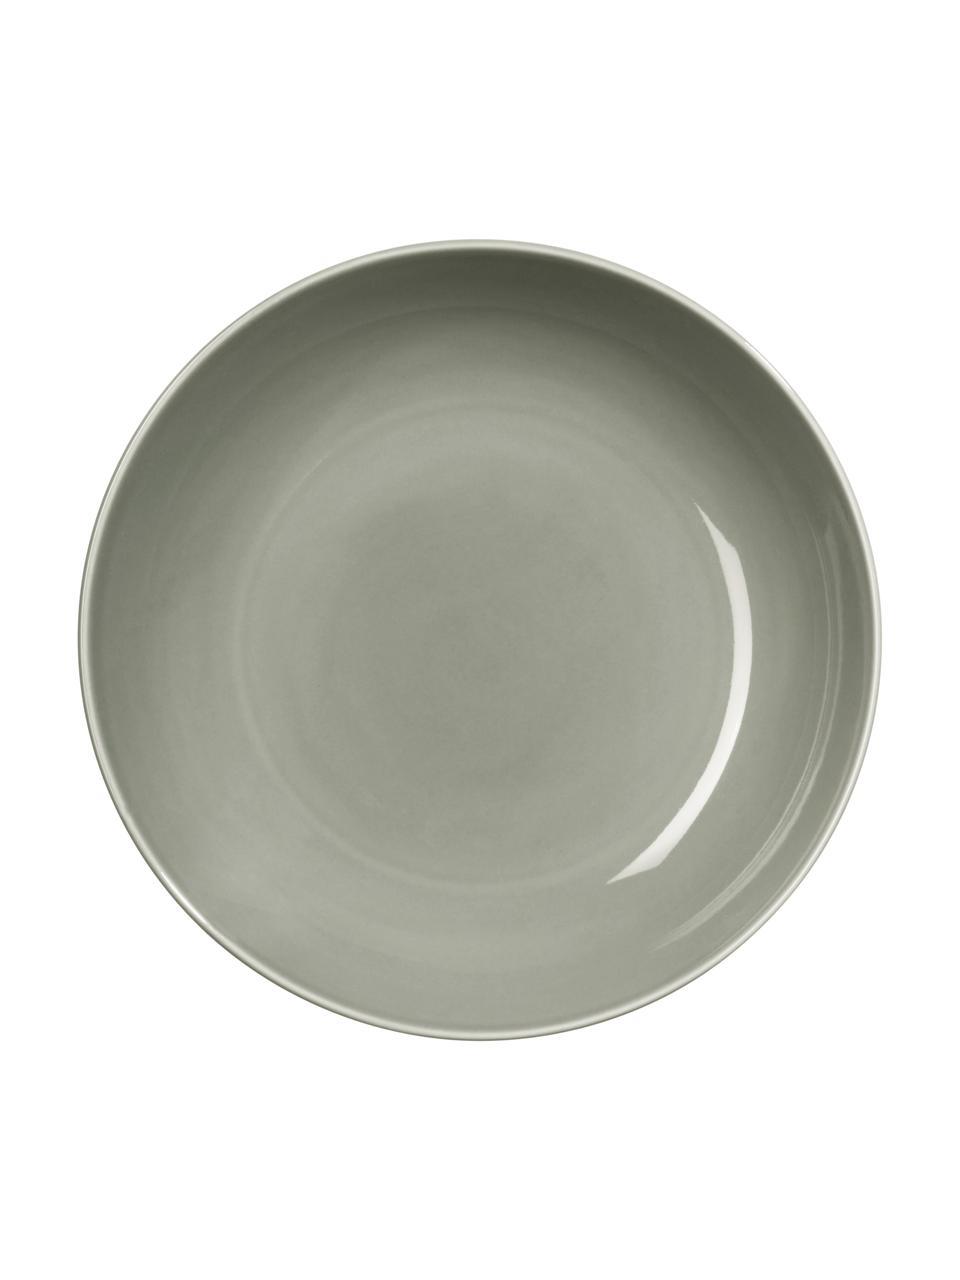 Talerz głęboki z porcelany Kolibri, 6 szt., Porcelana, Szary, Ø 24 cm